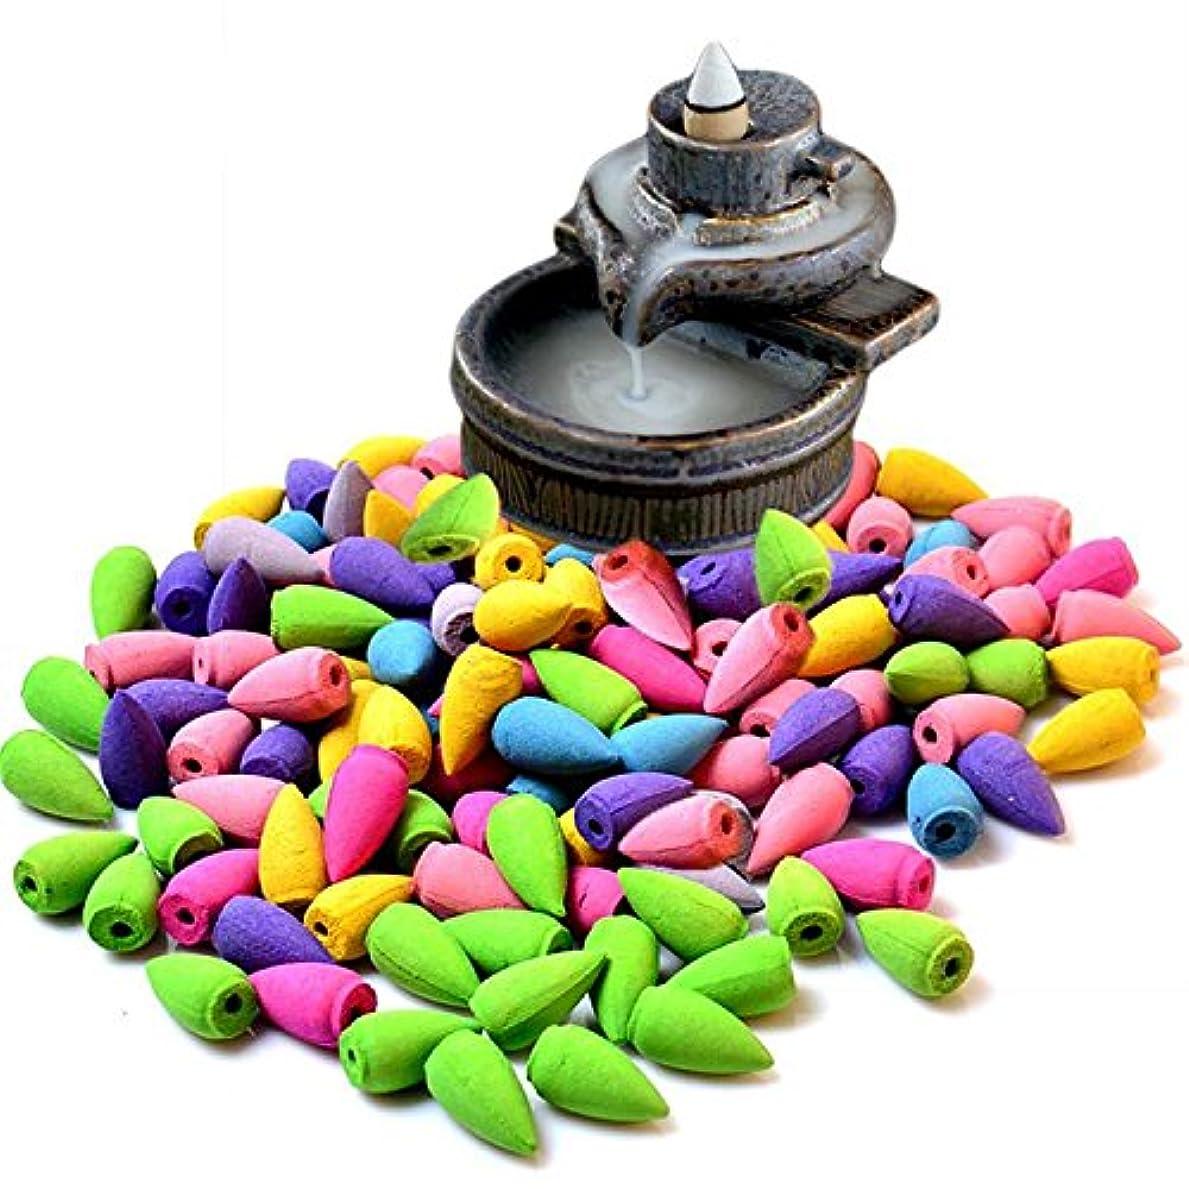 荒れ地害虫突然のECYC Rerro  陶器の香炉 室内用バックフローつり香炉 アロマセラピー用の香立て  収集可能 B01LC3EI7O